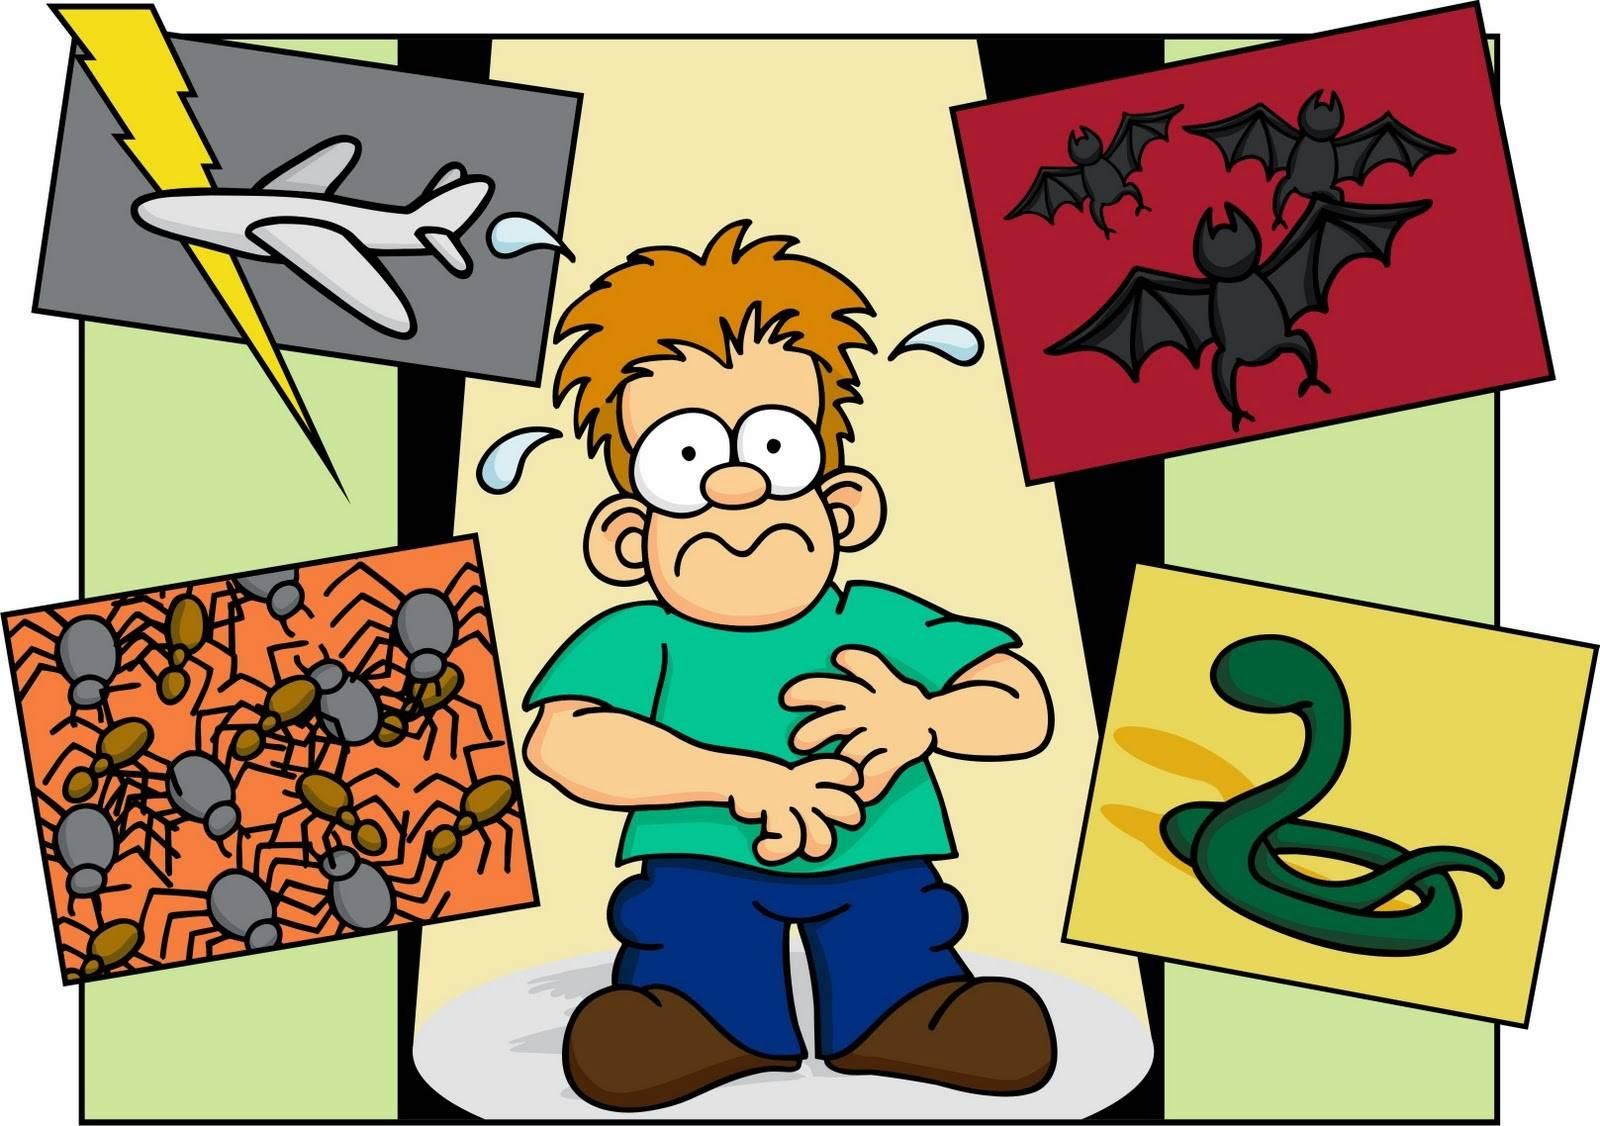 Эргофобия или боязнь работы - симптомы, причины, лечение